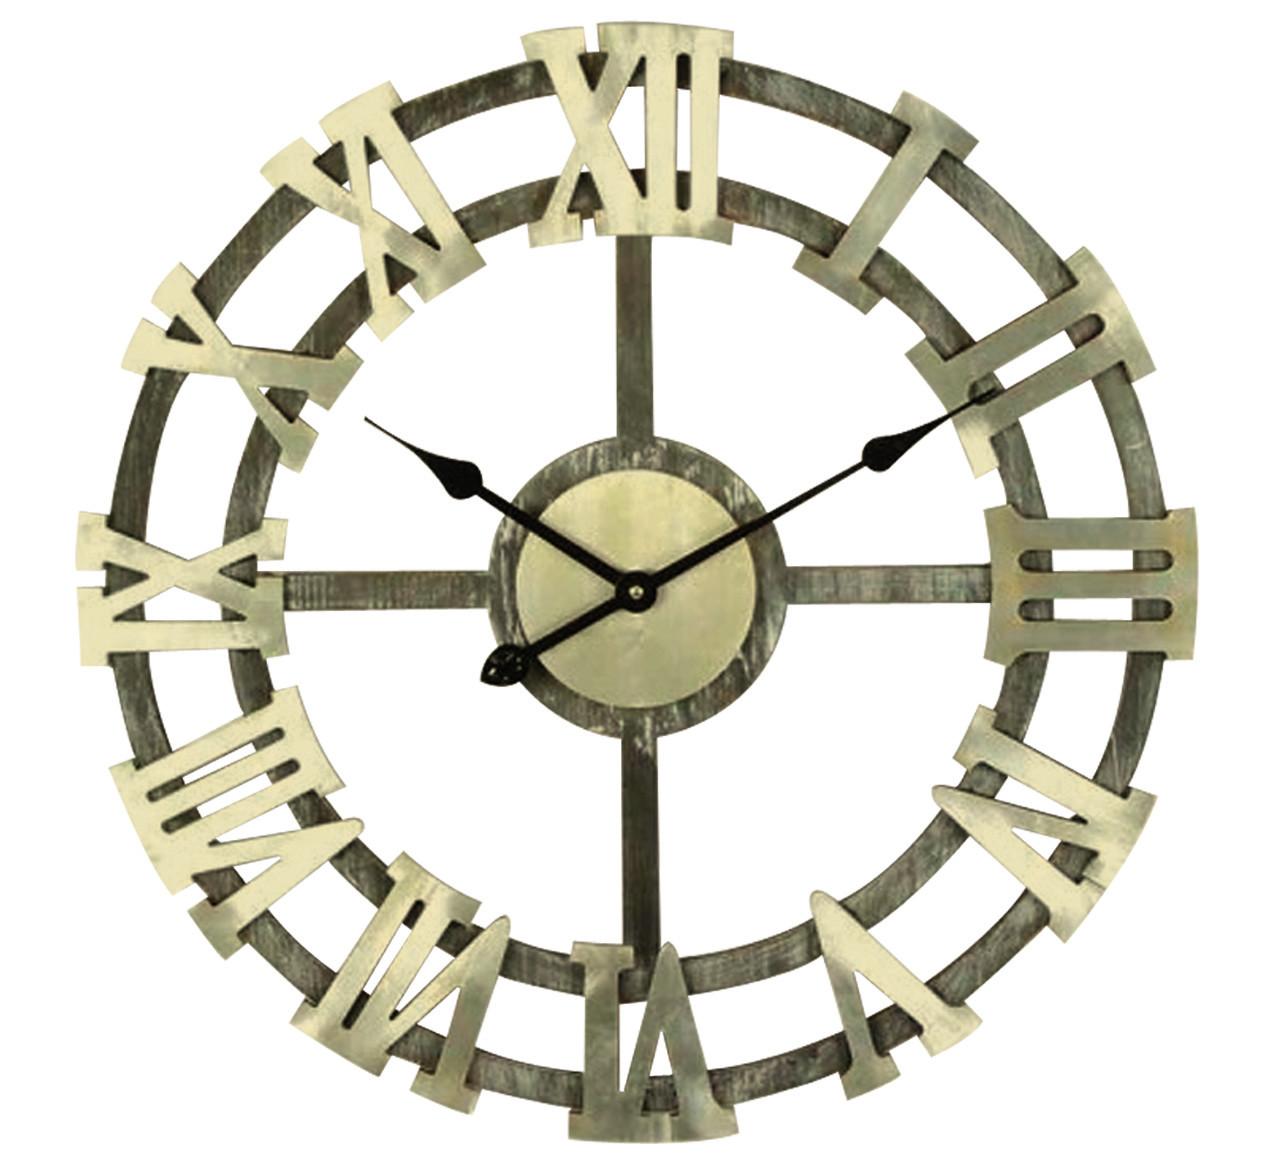 d66cd1b9b1a57 Horloge murale en bois gros chiffres Ø 63.5 cm